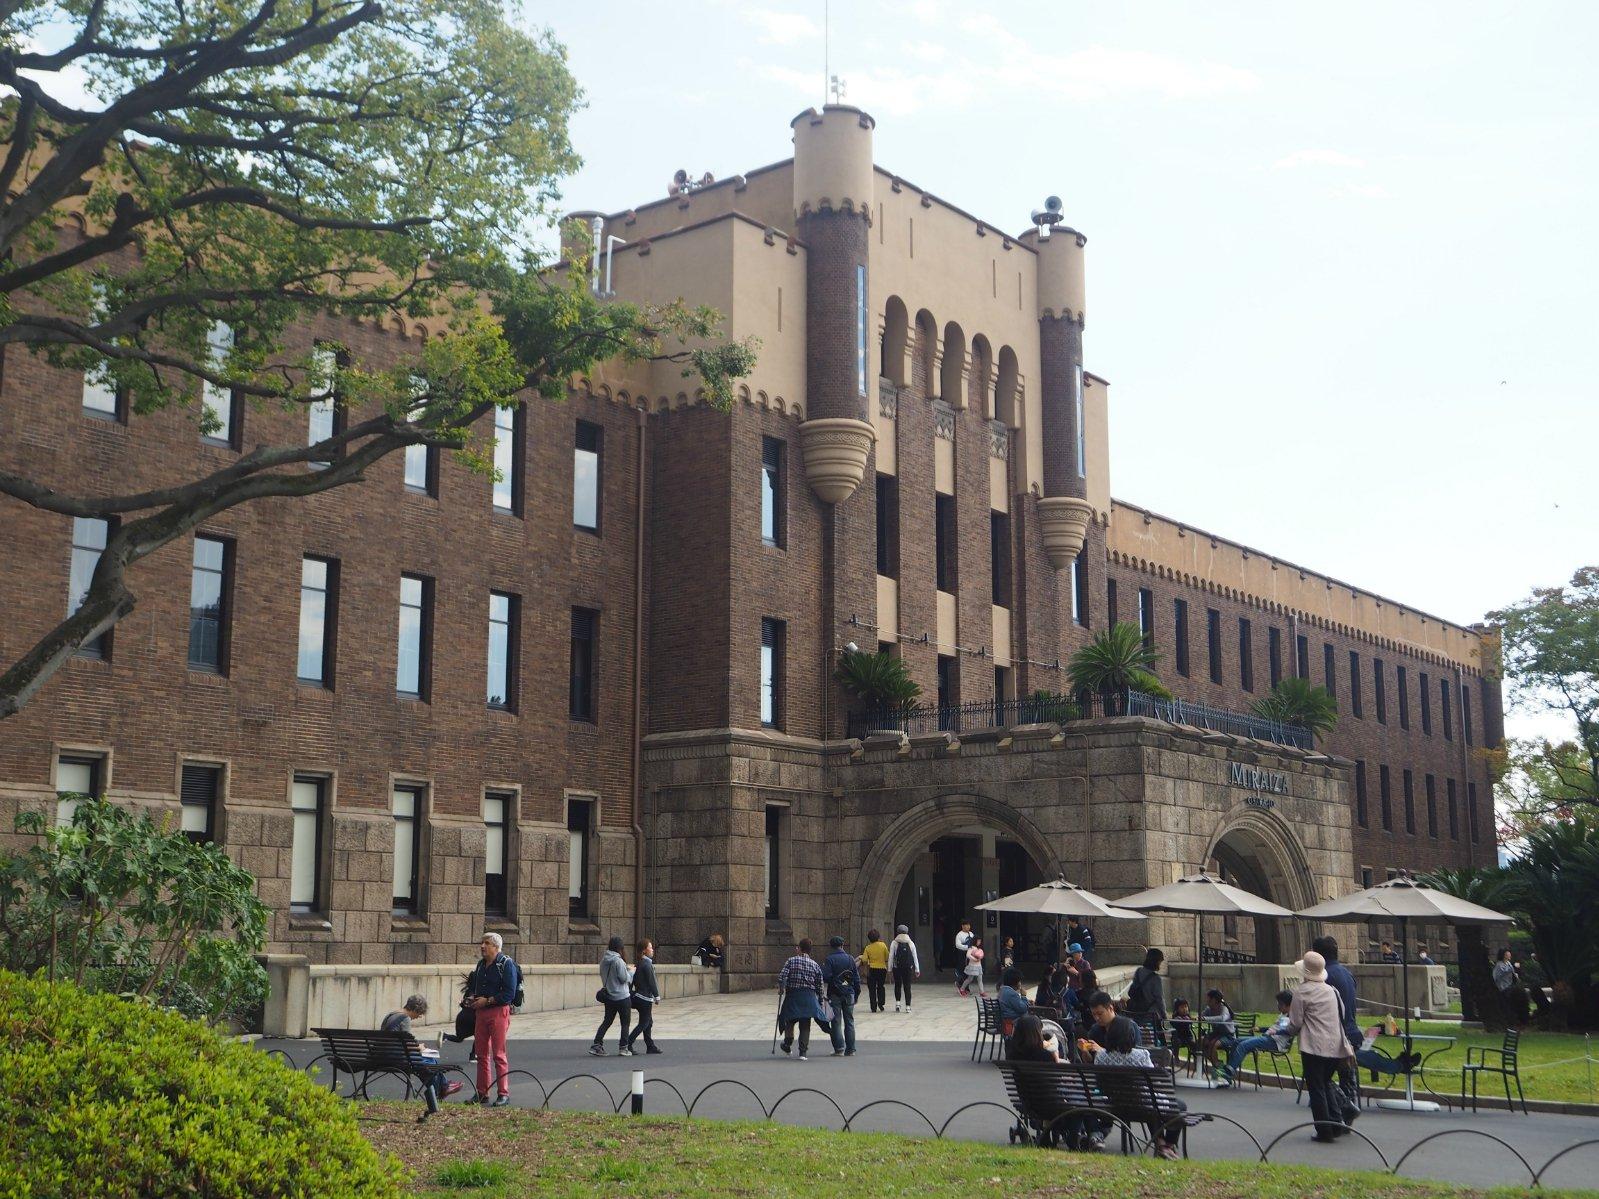 2019大阪城攻略游玩攻略,秋季的天守阁非常漂花水湾一日游公园图片